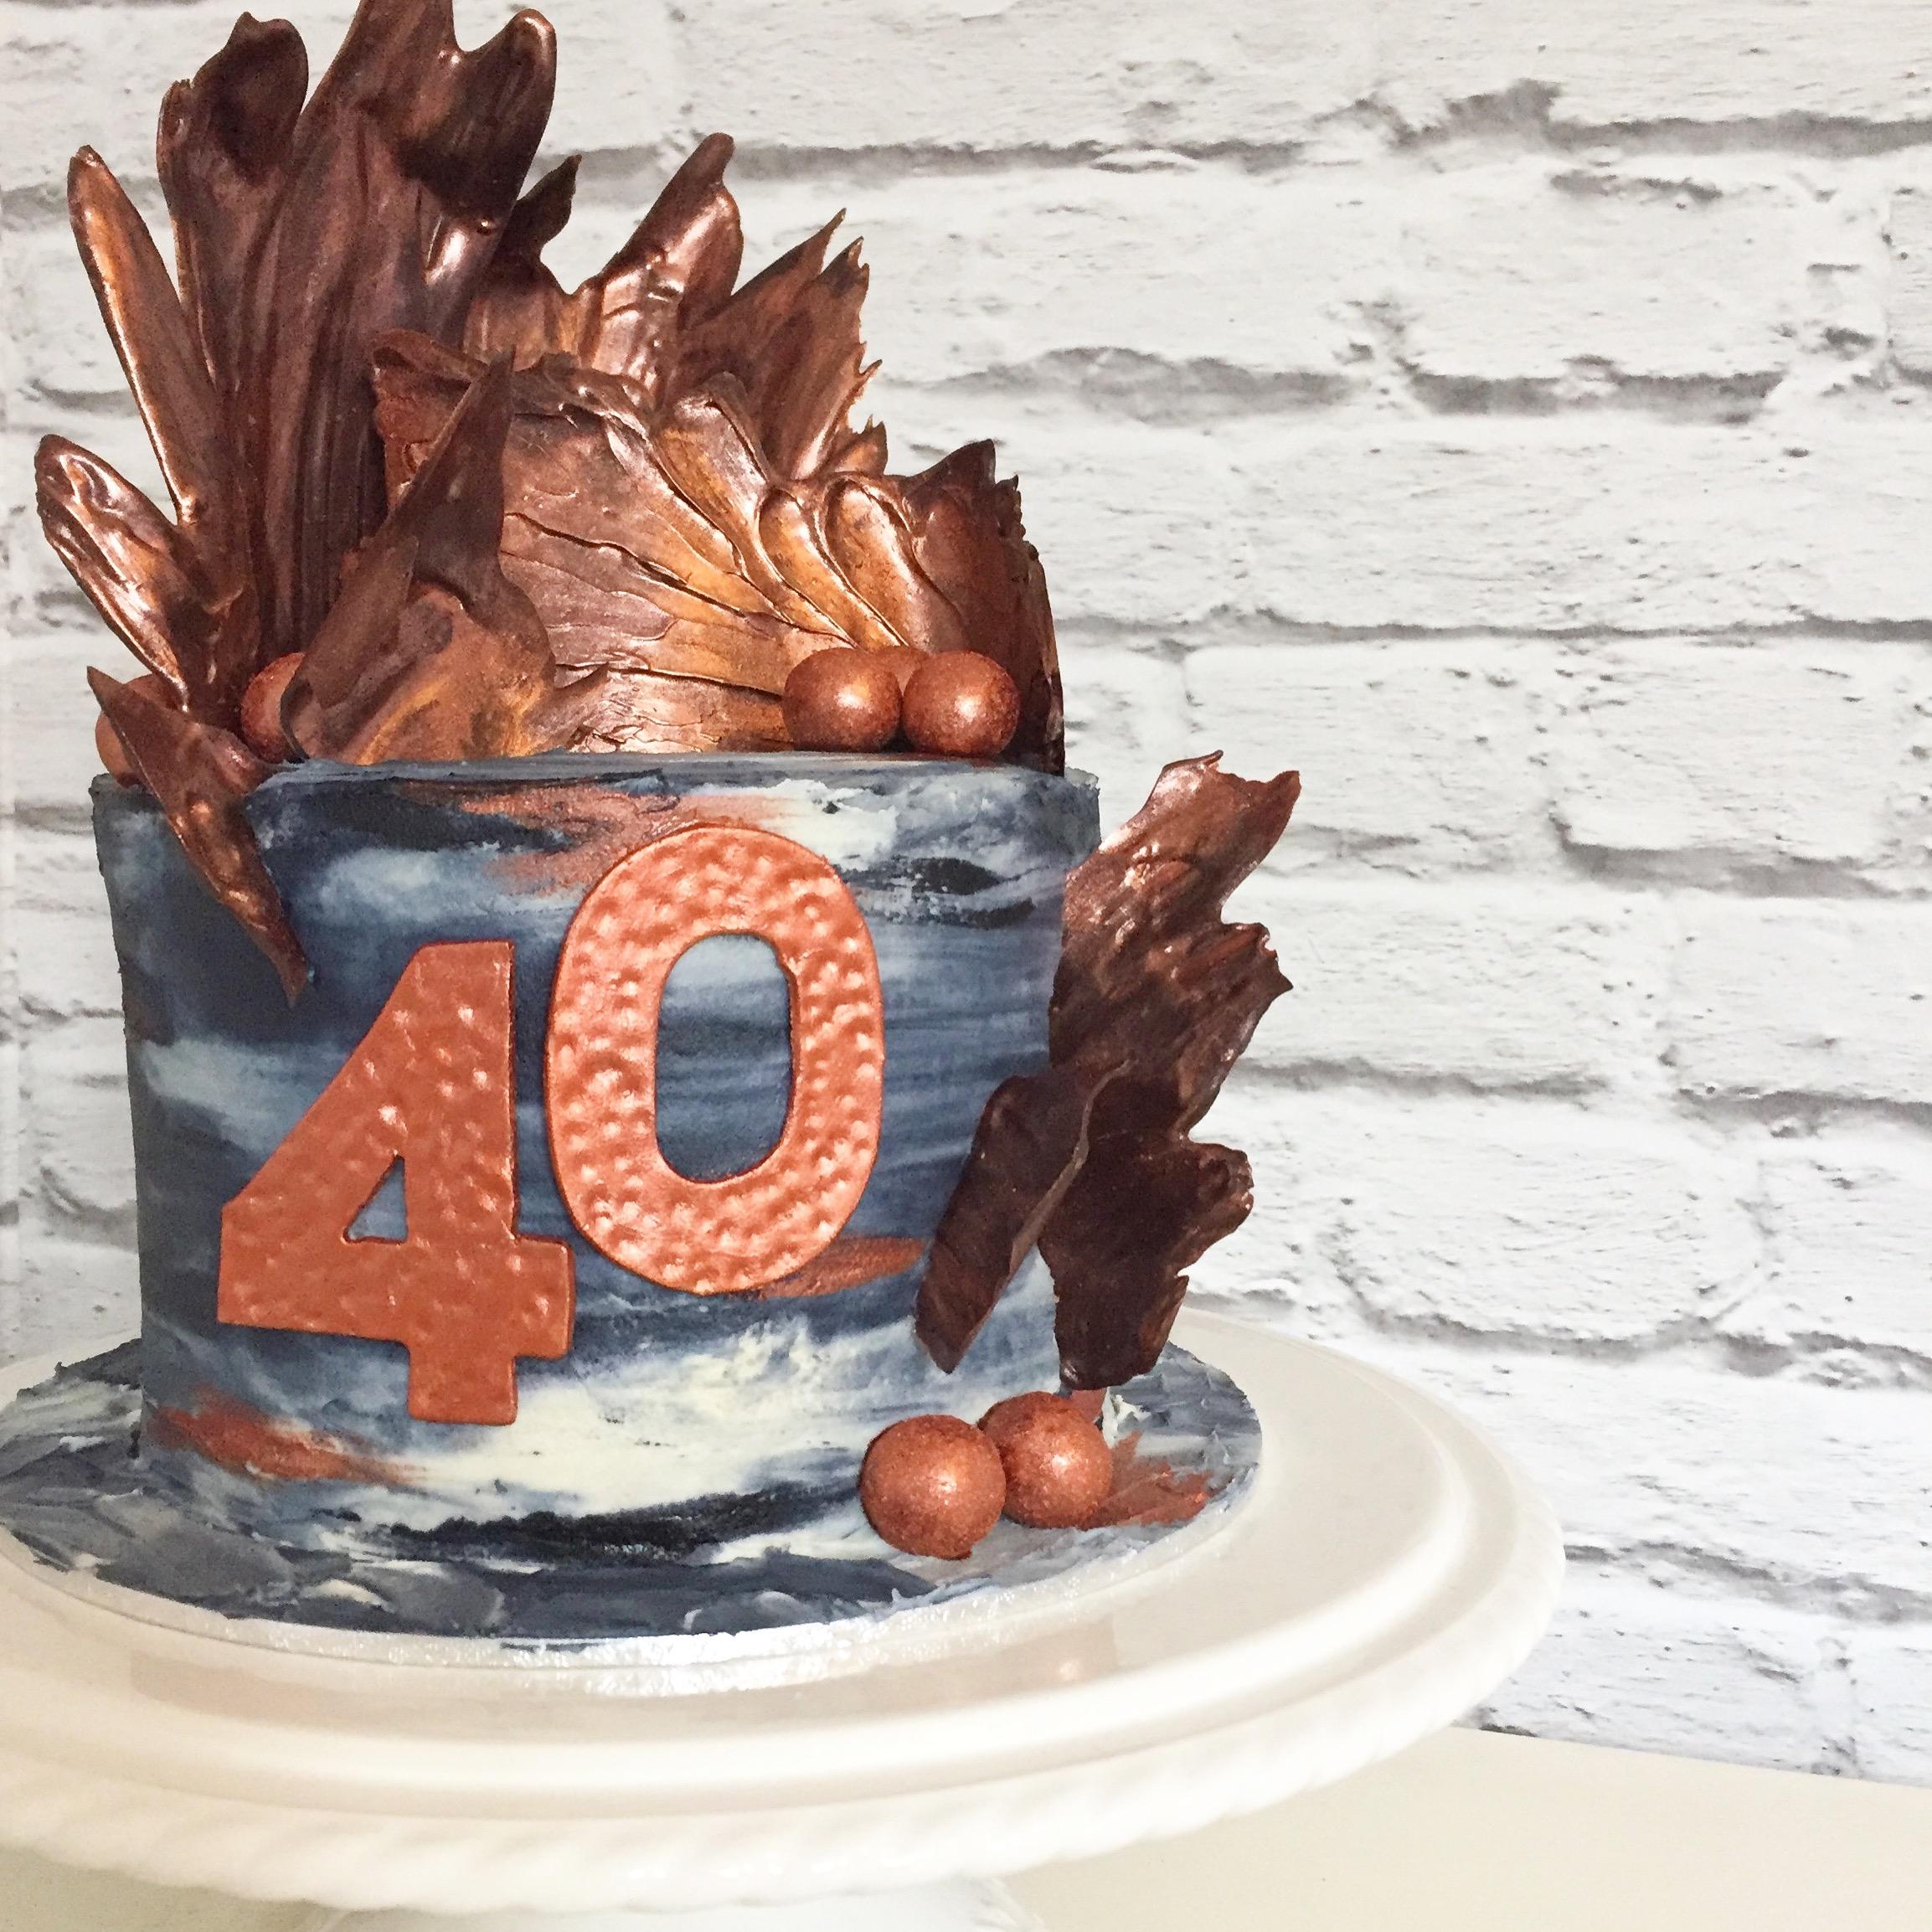 Monochrome & copper cake